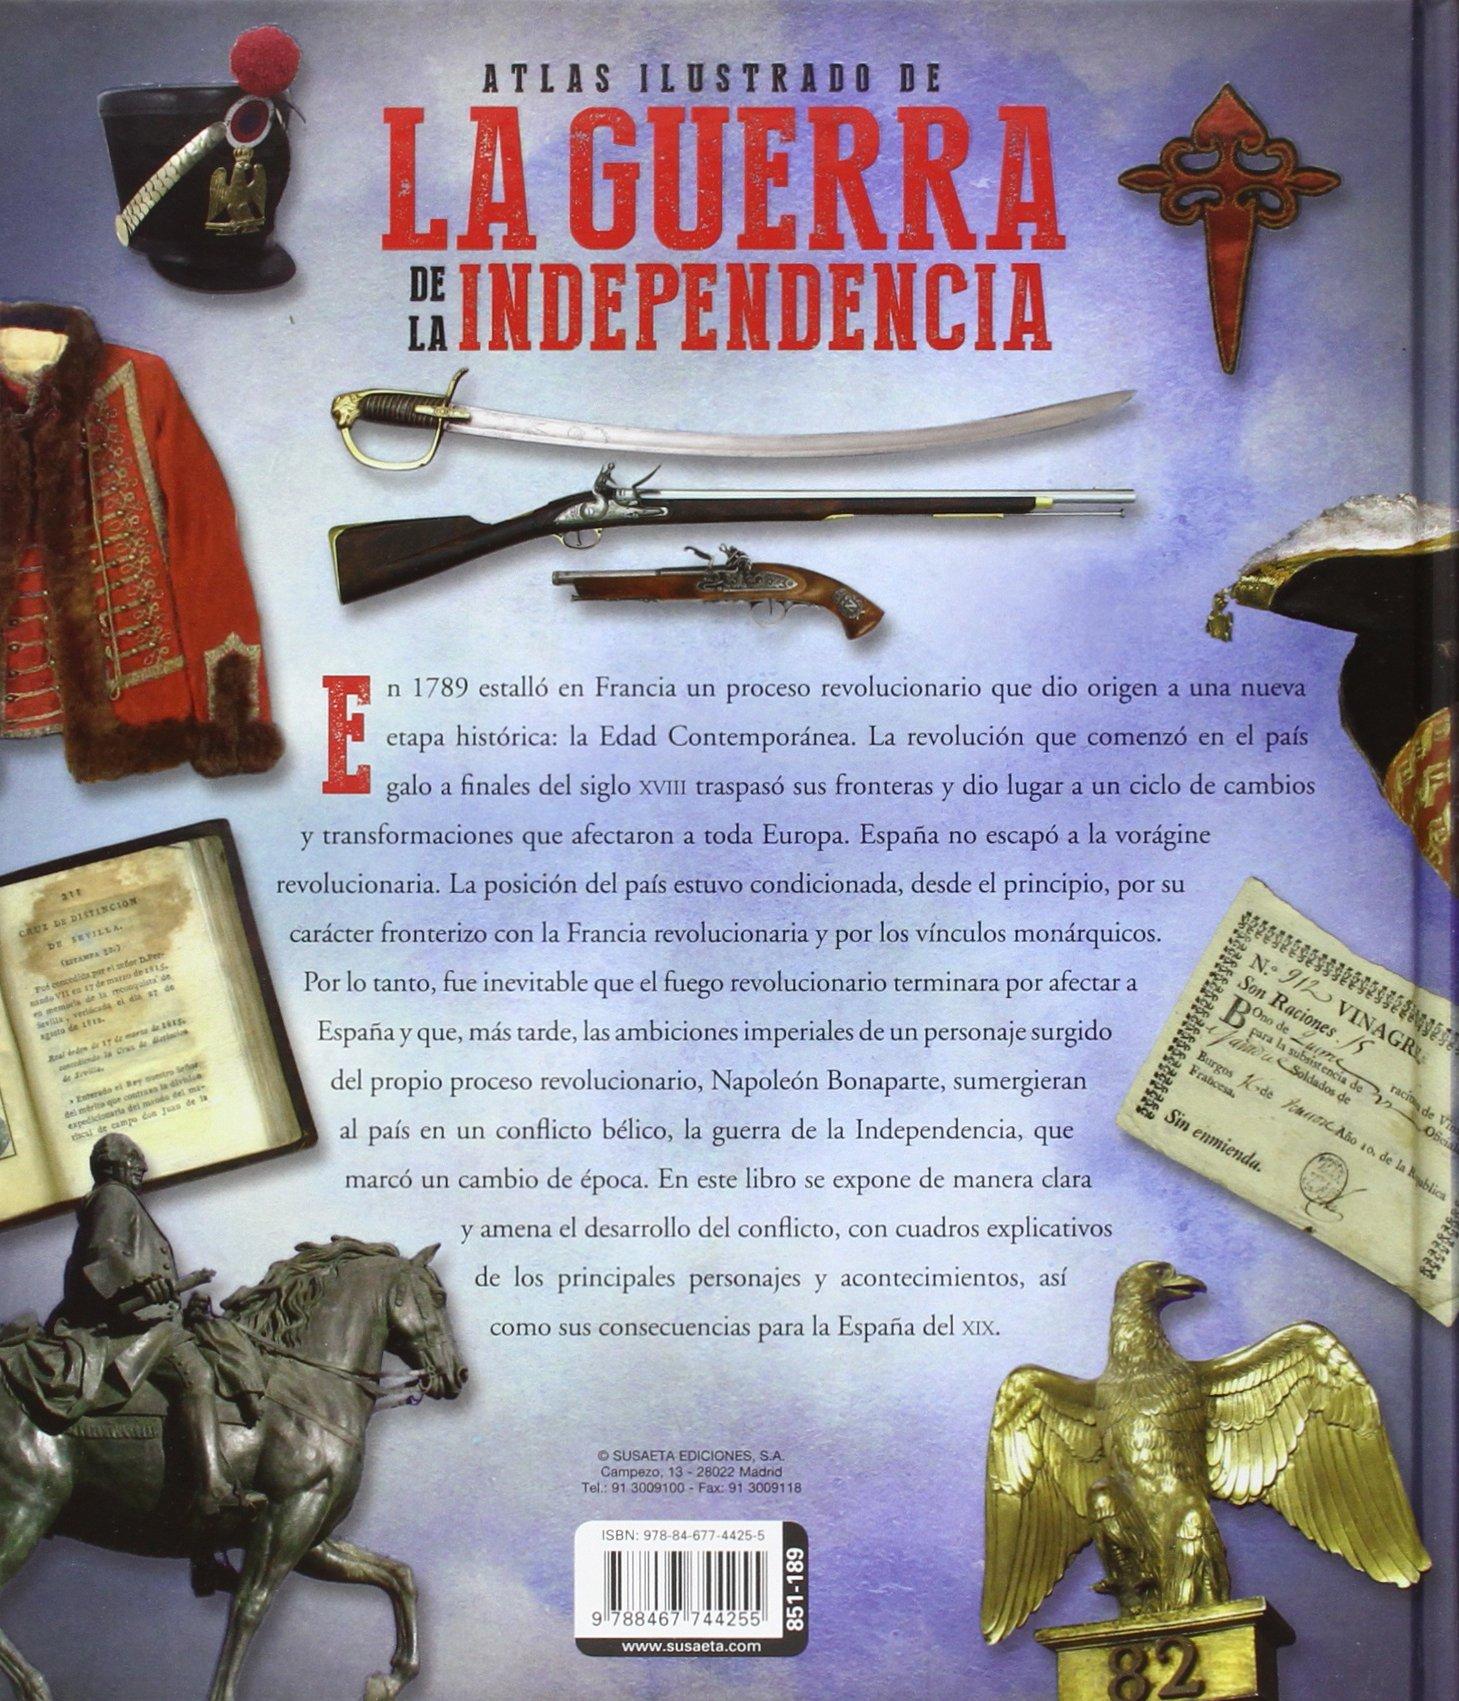 Atlas ilustrado de la guerra de la independencia: Amazon.es: González Clavero, Mariano: Libros